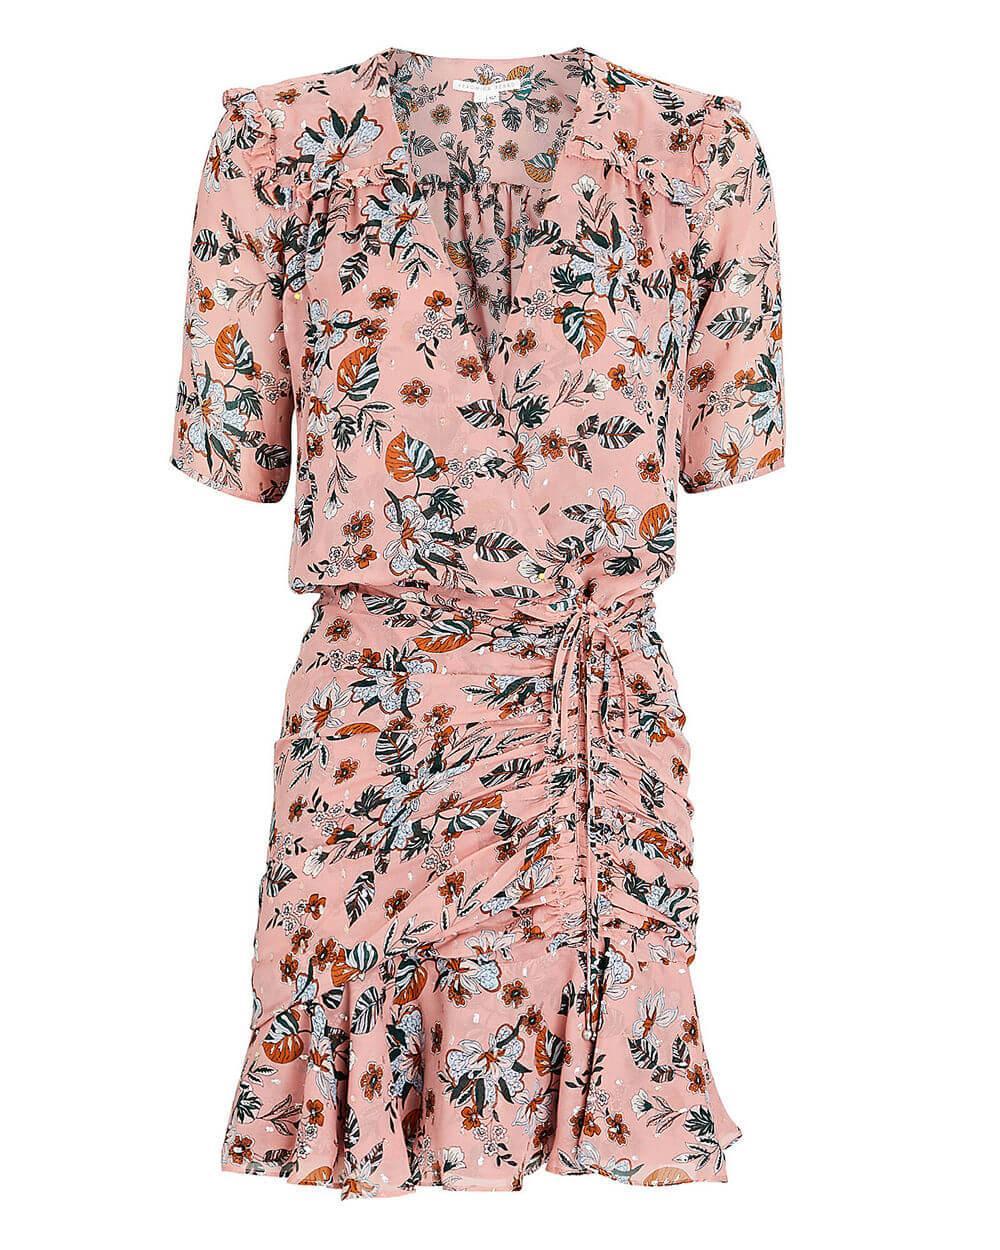 Dakota Dress Item # 2007NBP0142545F